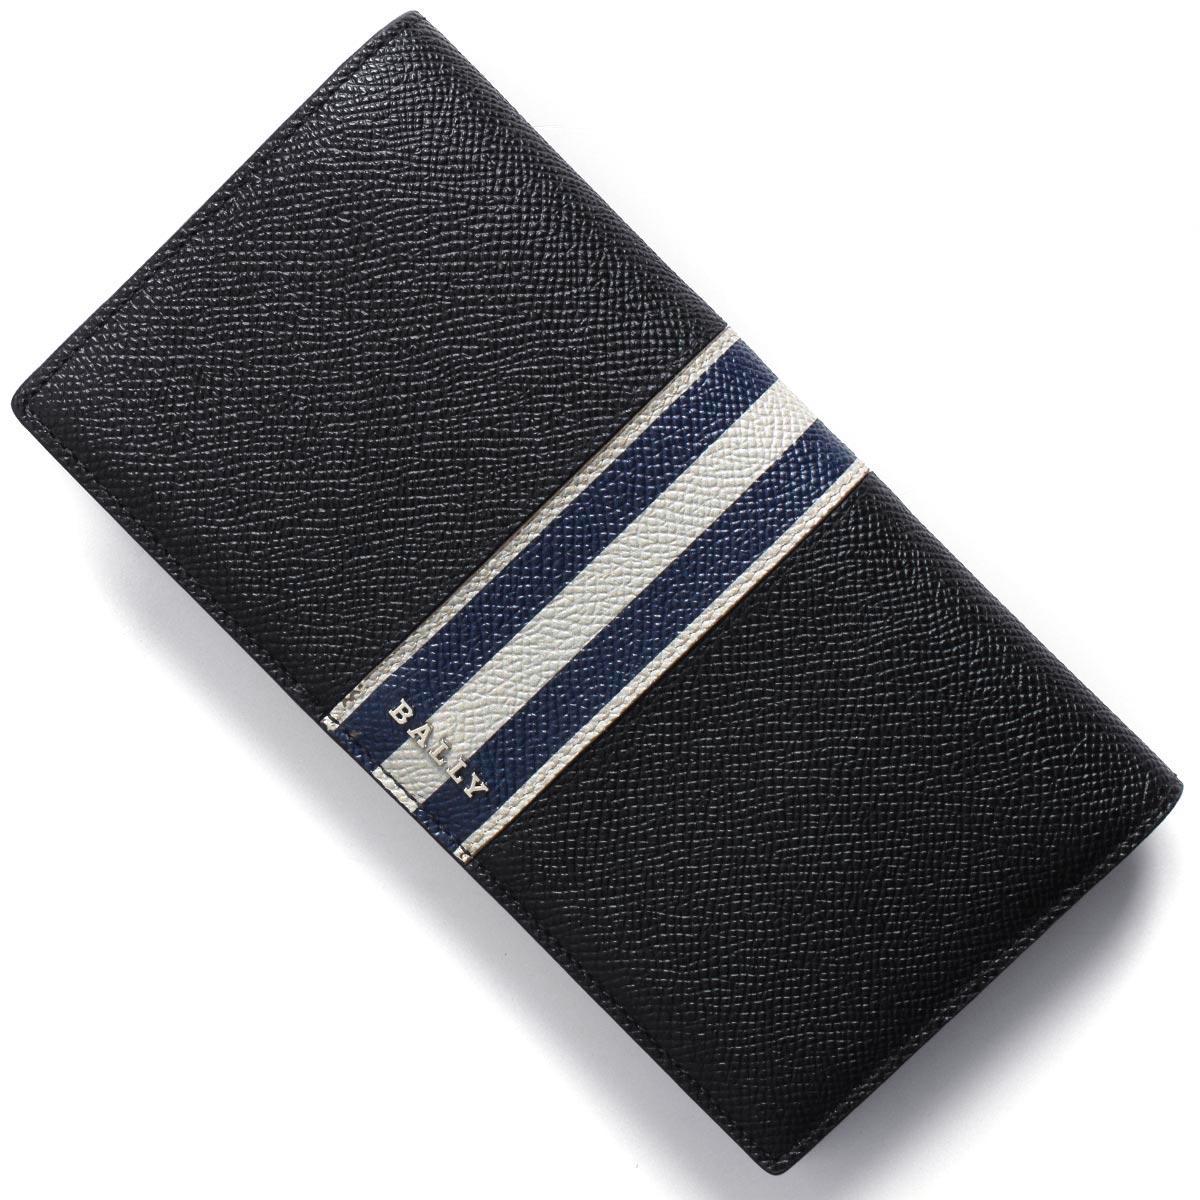 バリー 長財布 財布 メンズ バリロ マルチブラック BALIRO BI 00 6231955 BALLY